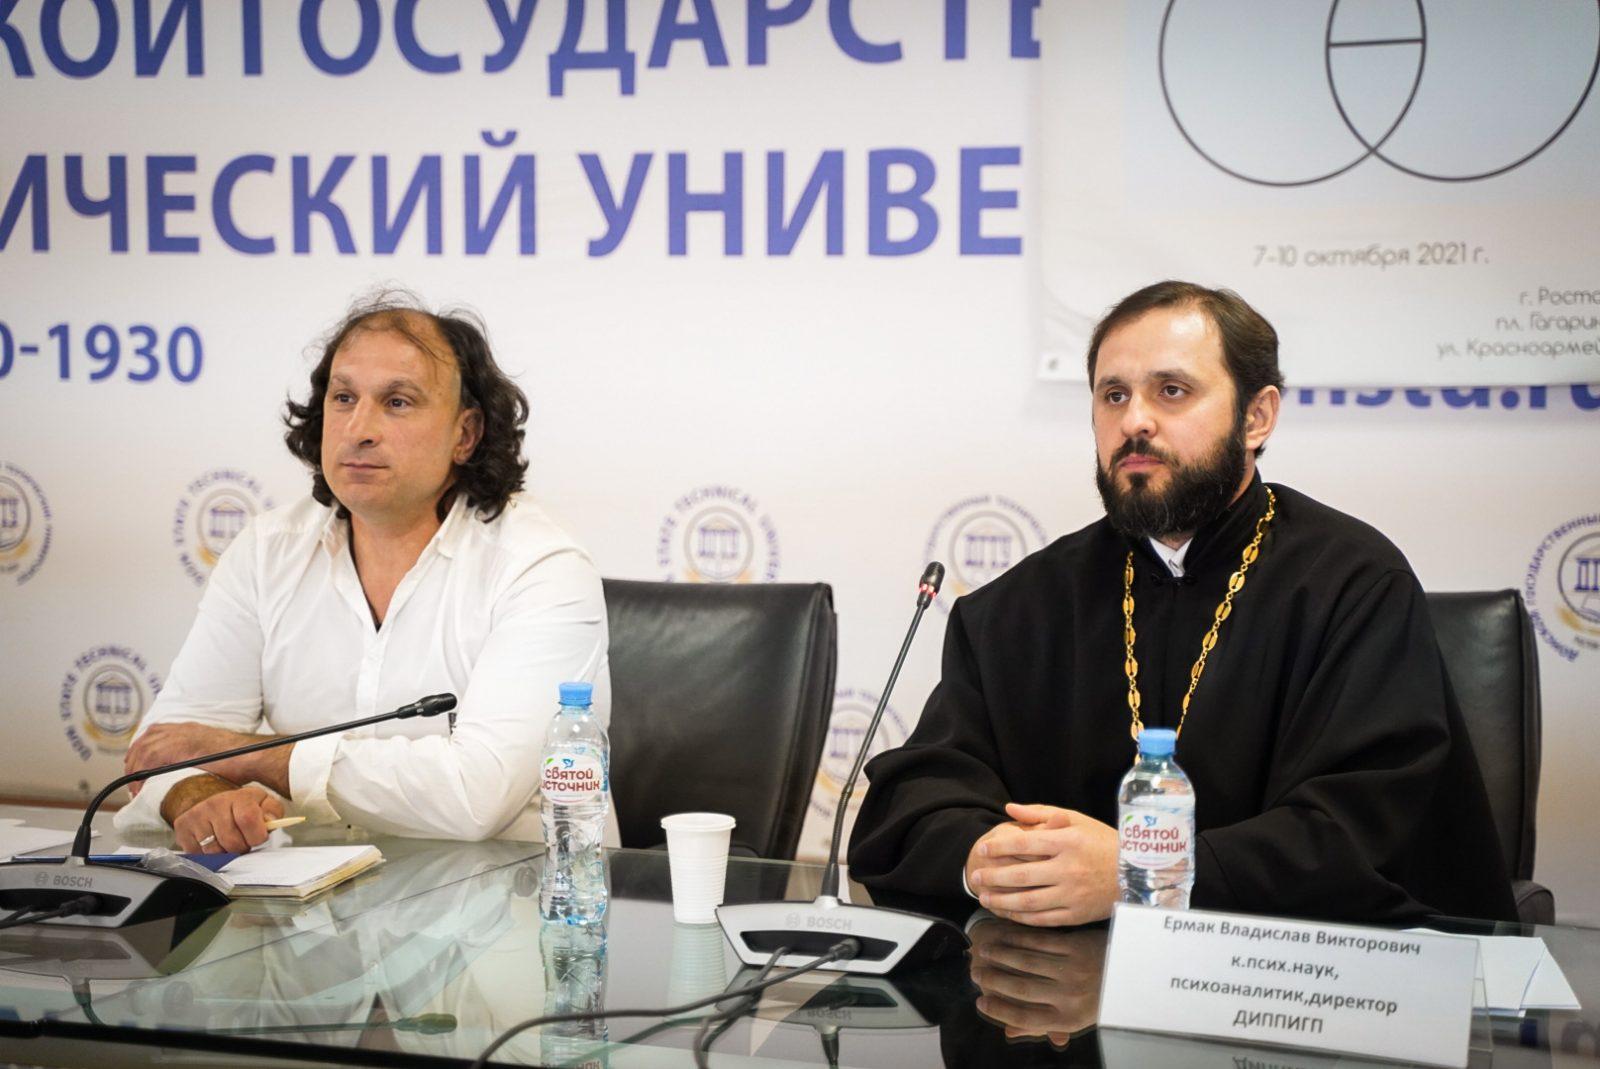 Представители Донской духовной семинарии приняли участие в Международном научно-практическом форуме по психологии